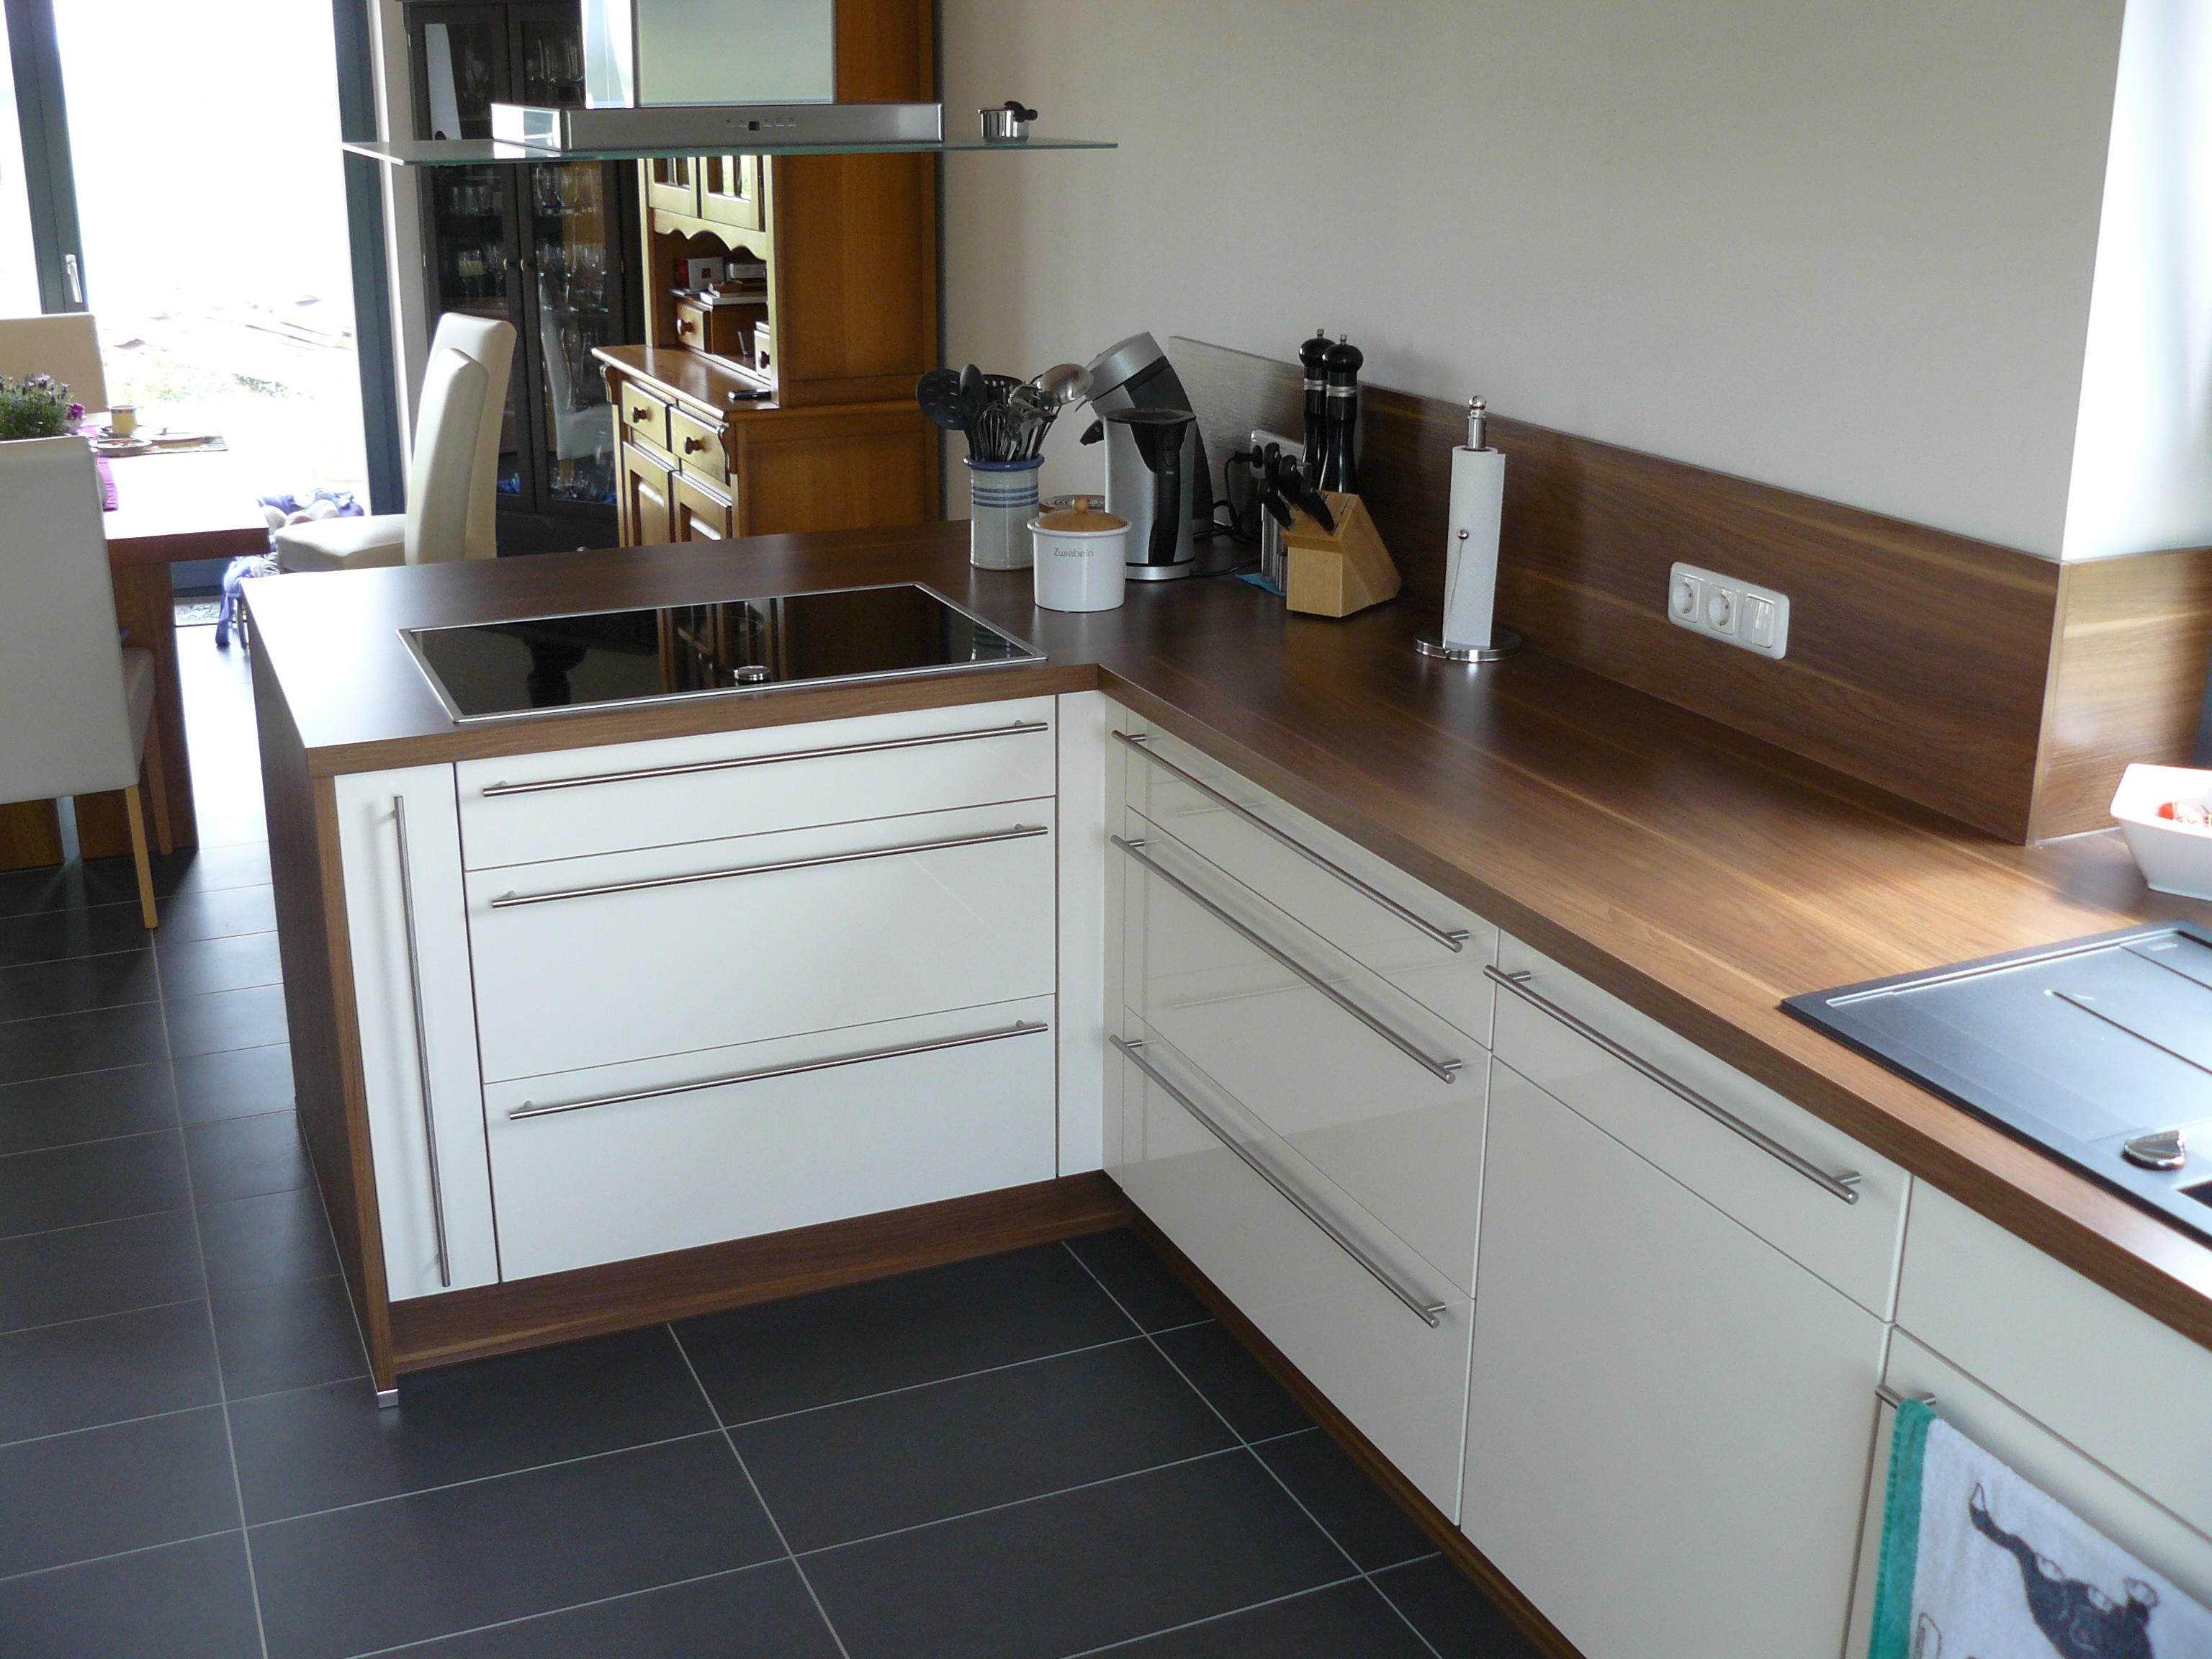 Sicht aus der Küche in Richtung Esszimmer